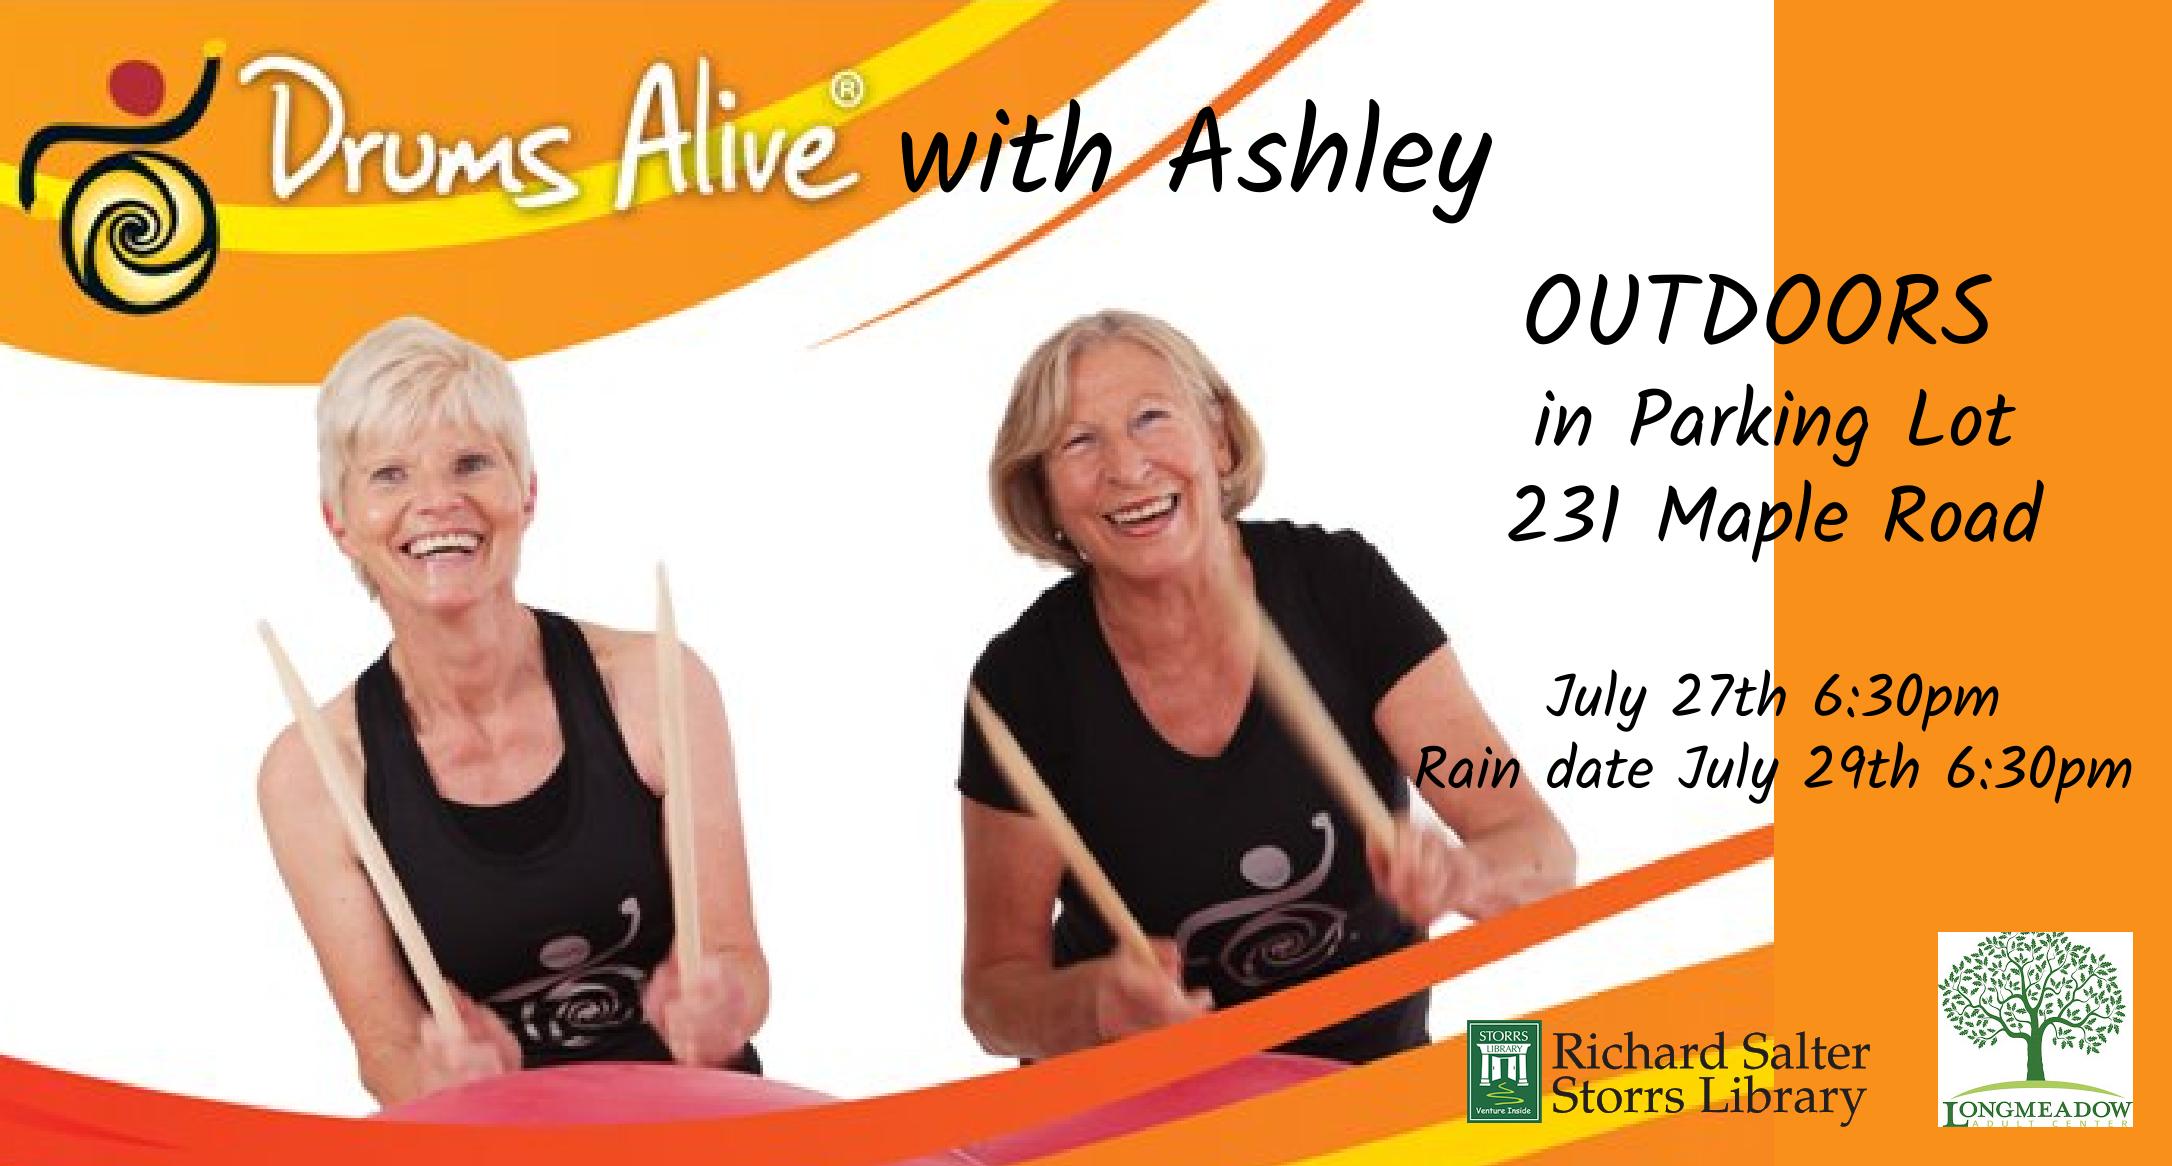 Flyer for Drums Alive